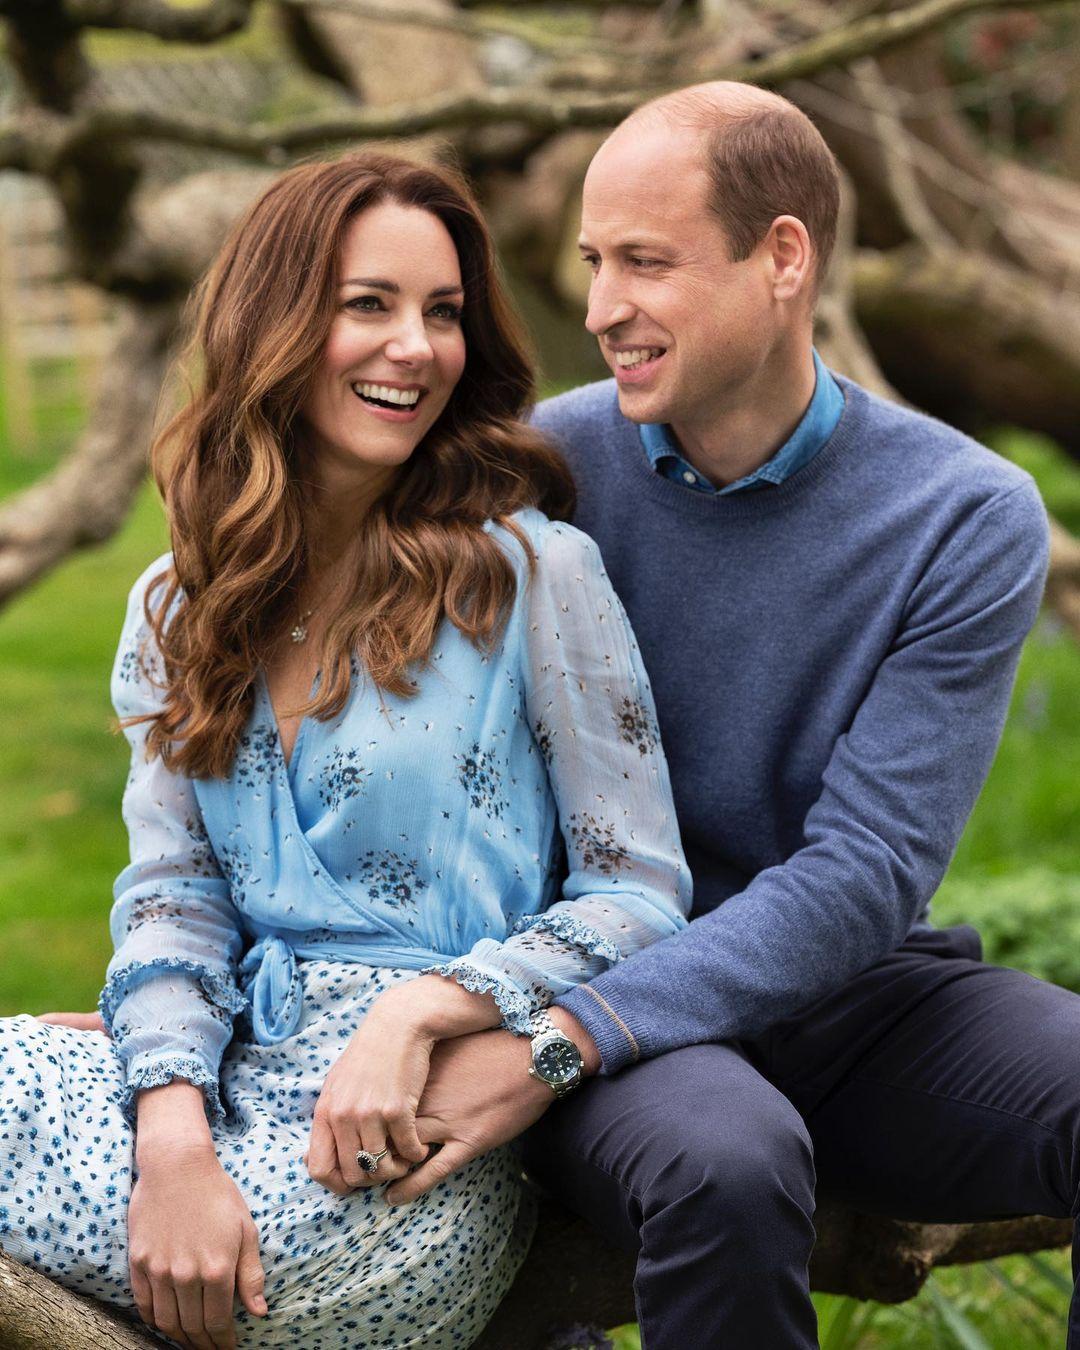 Это любовь: новые фото Кейт Миддлтон и принца Уильяма в честь годовщины свадьбы